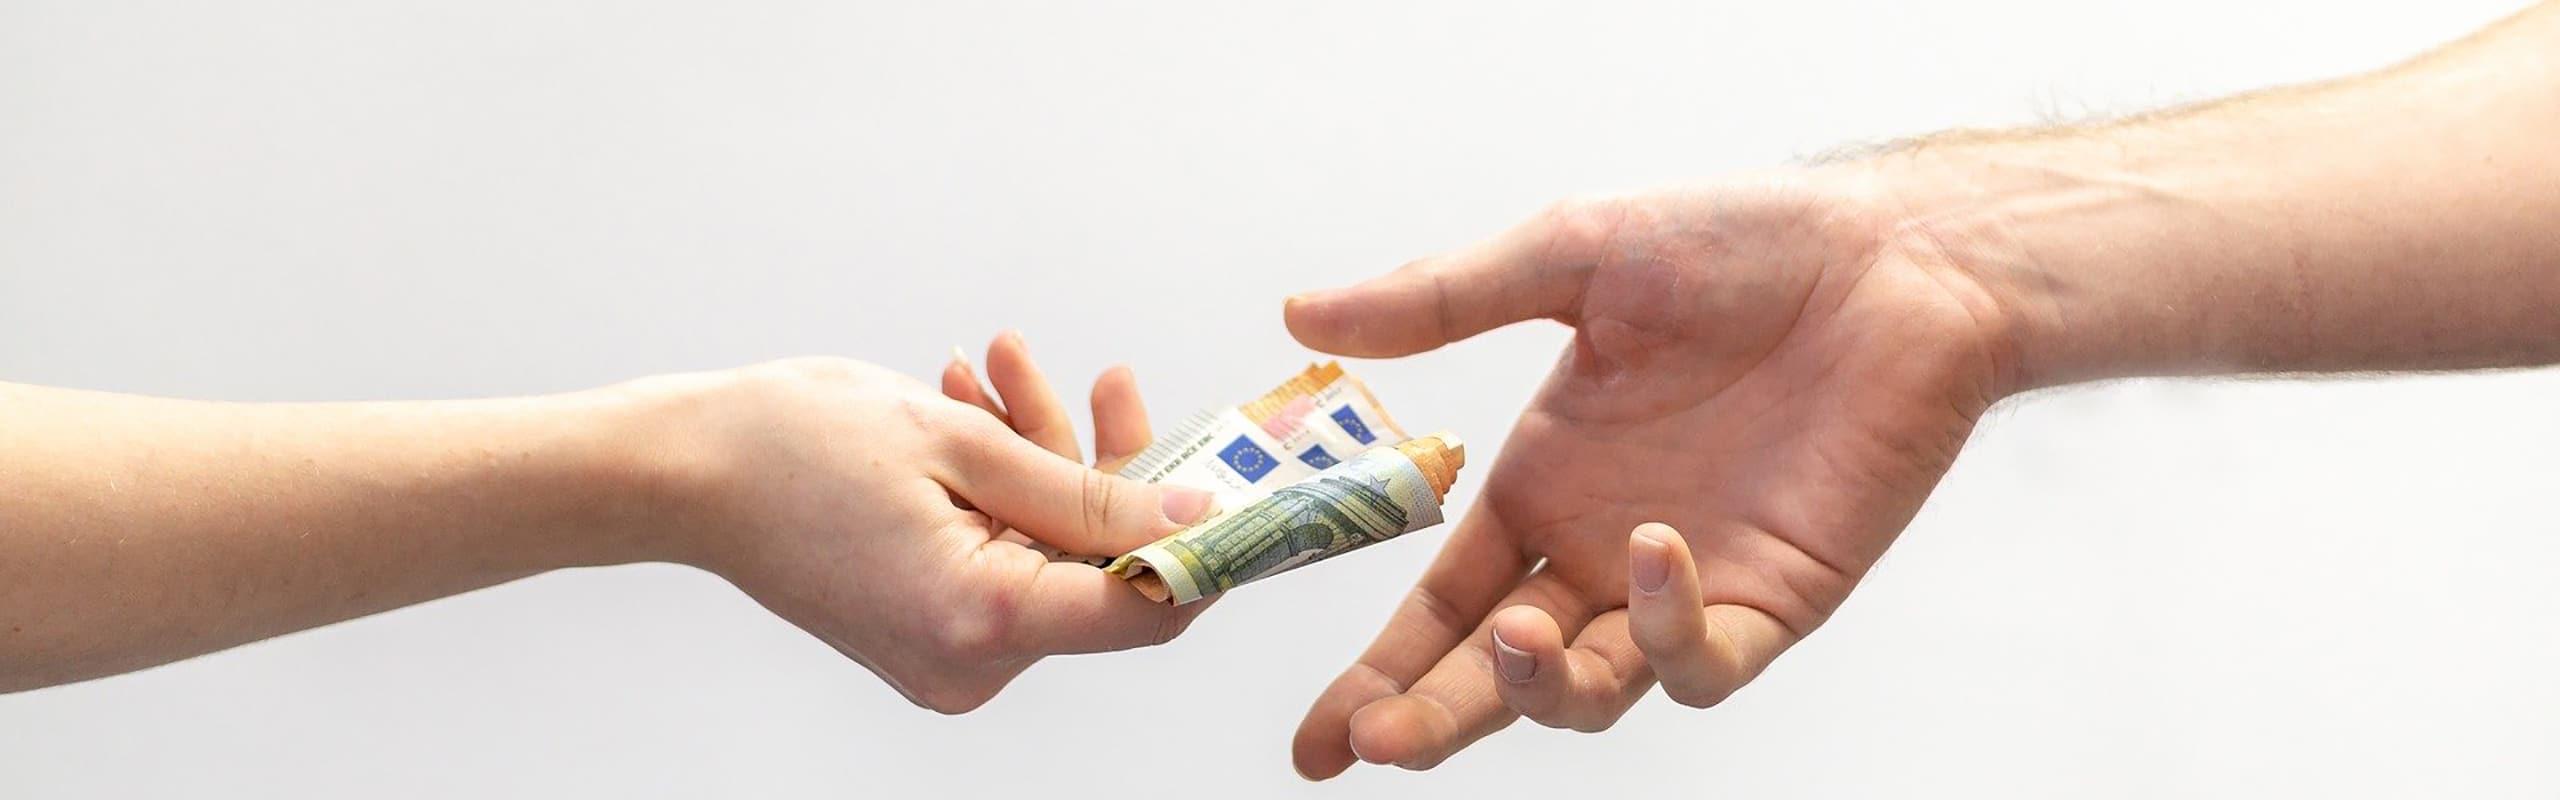 geld wird von einer hand in eine andere uebergeben